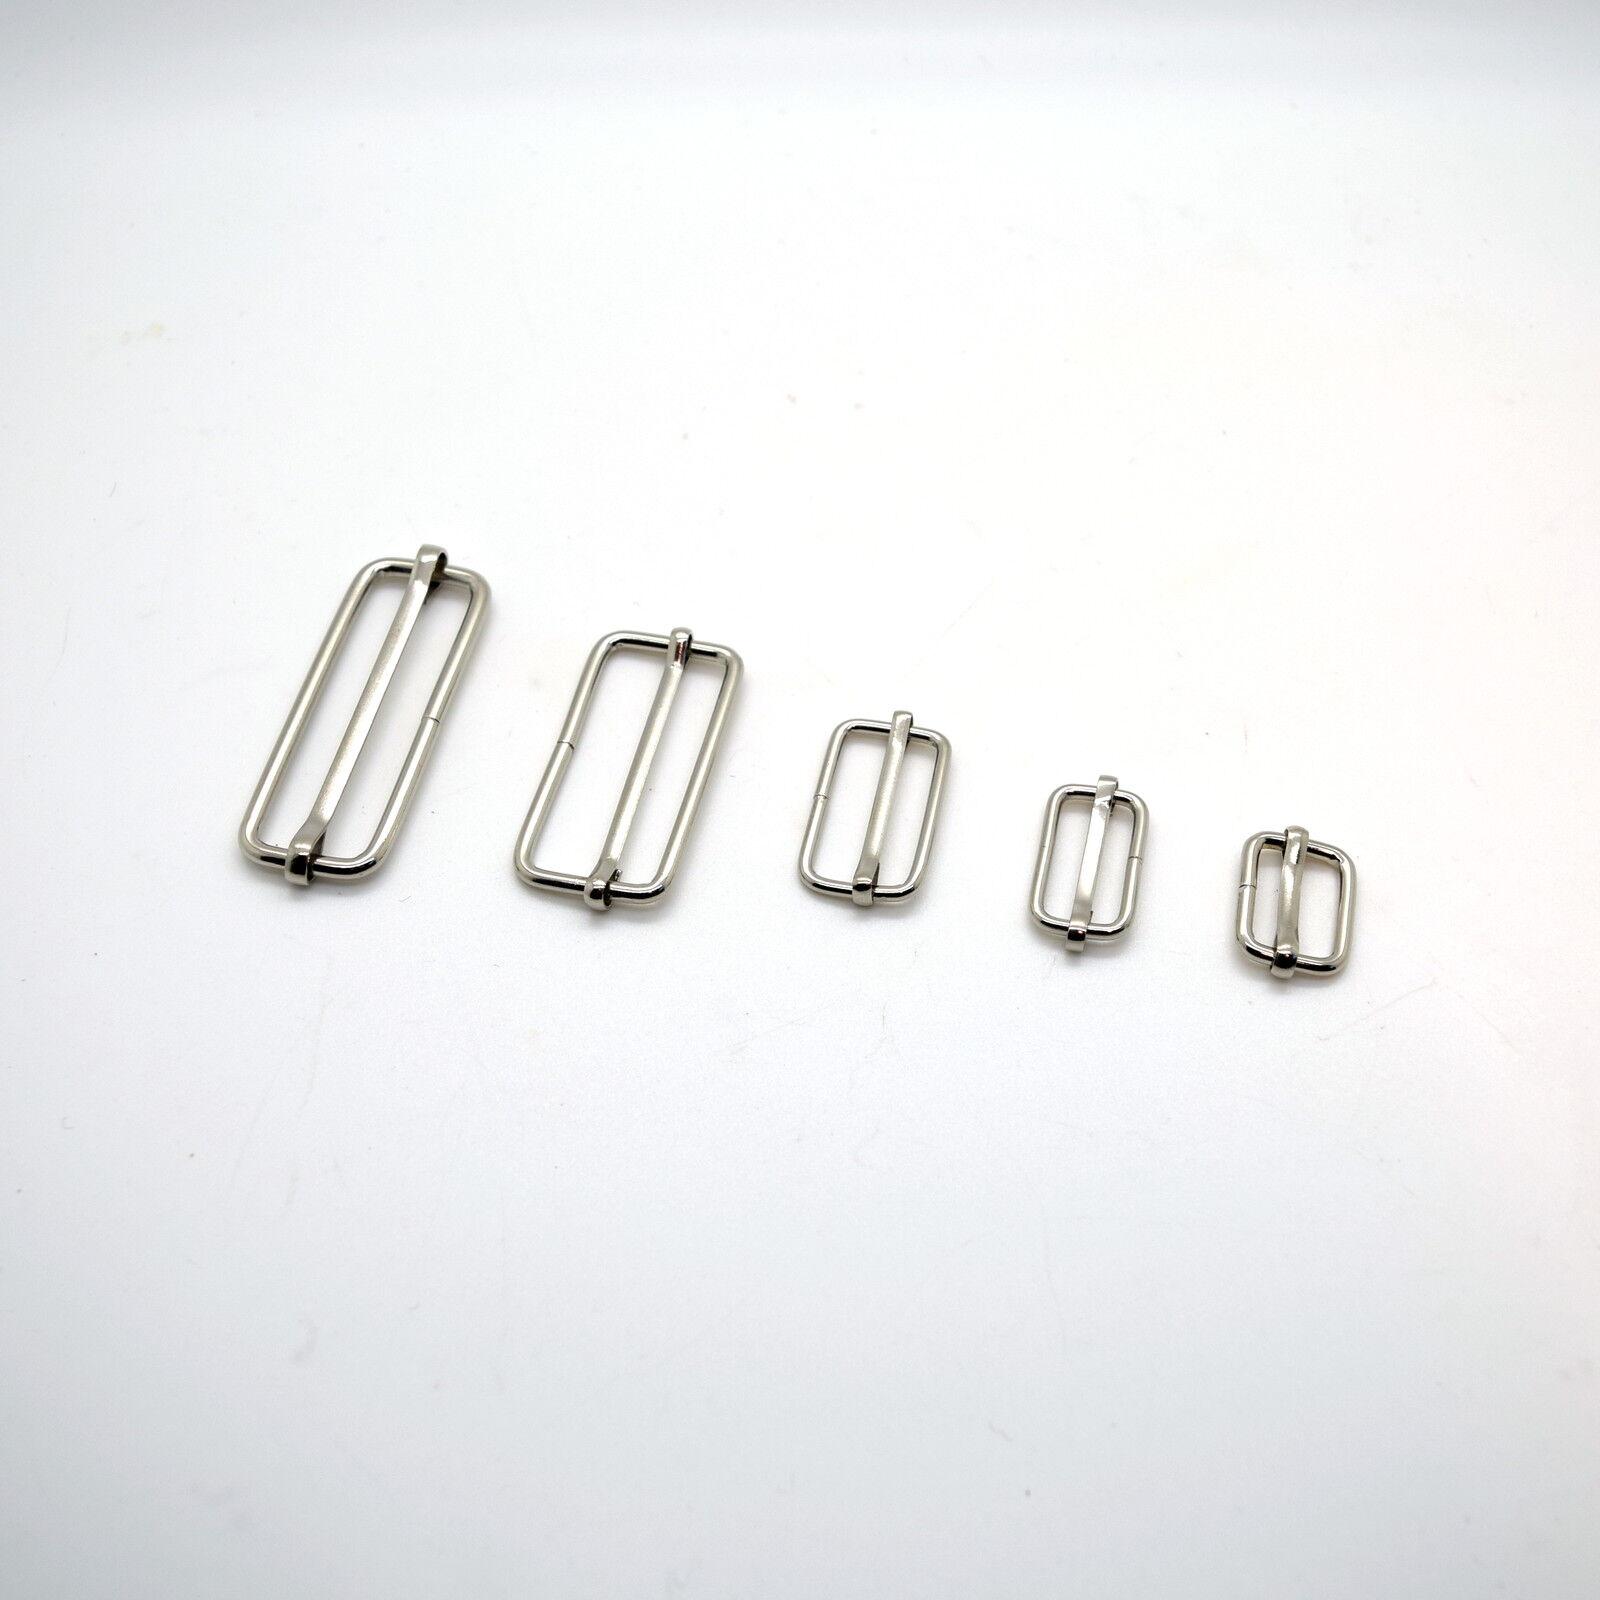 Metal Sliding Bars Buckles Straps for Webbing Strap Tape Craft 16 20 25 40 50 mm